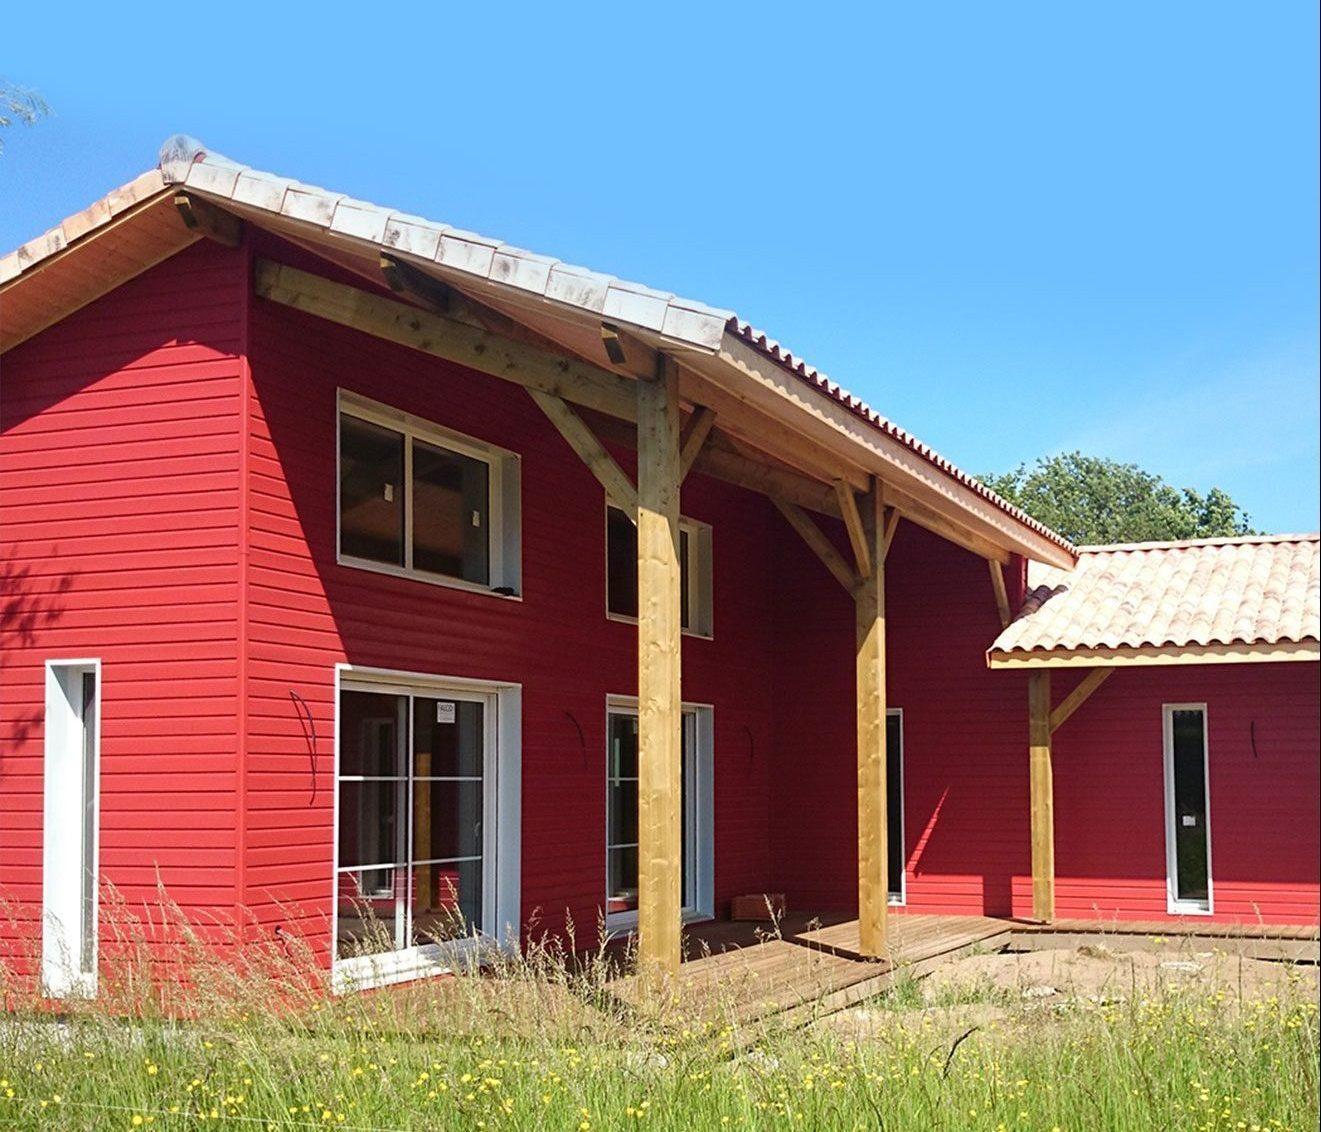 maison bois bardage rouge